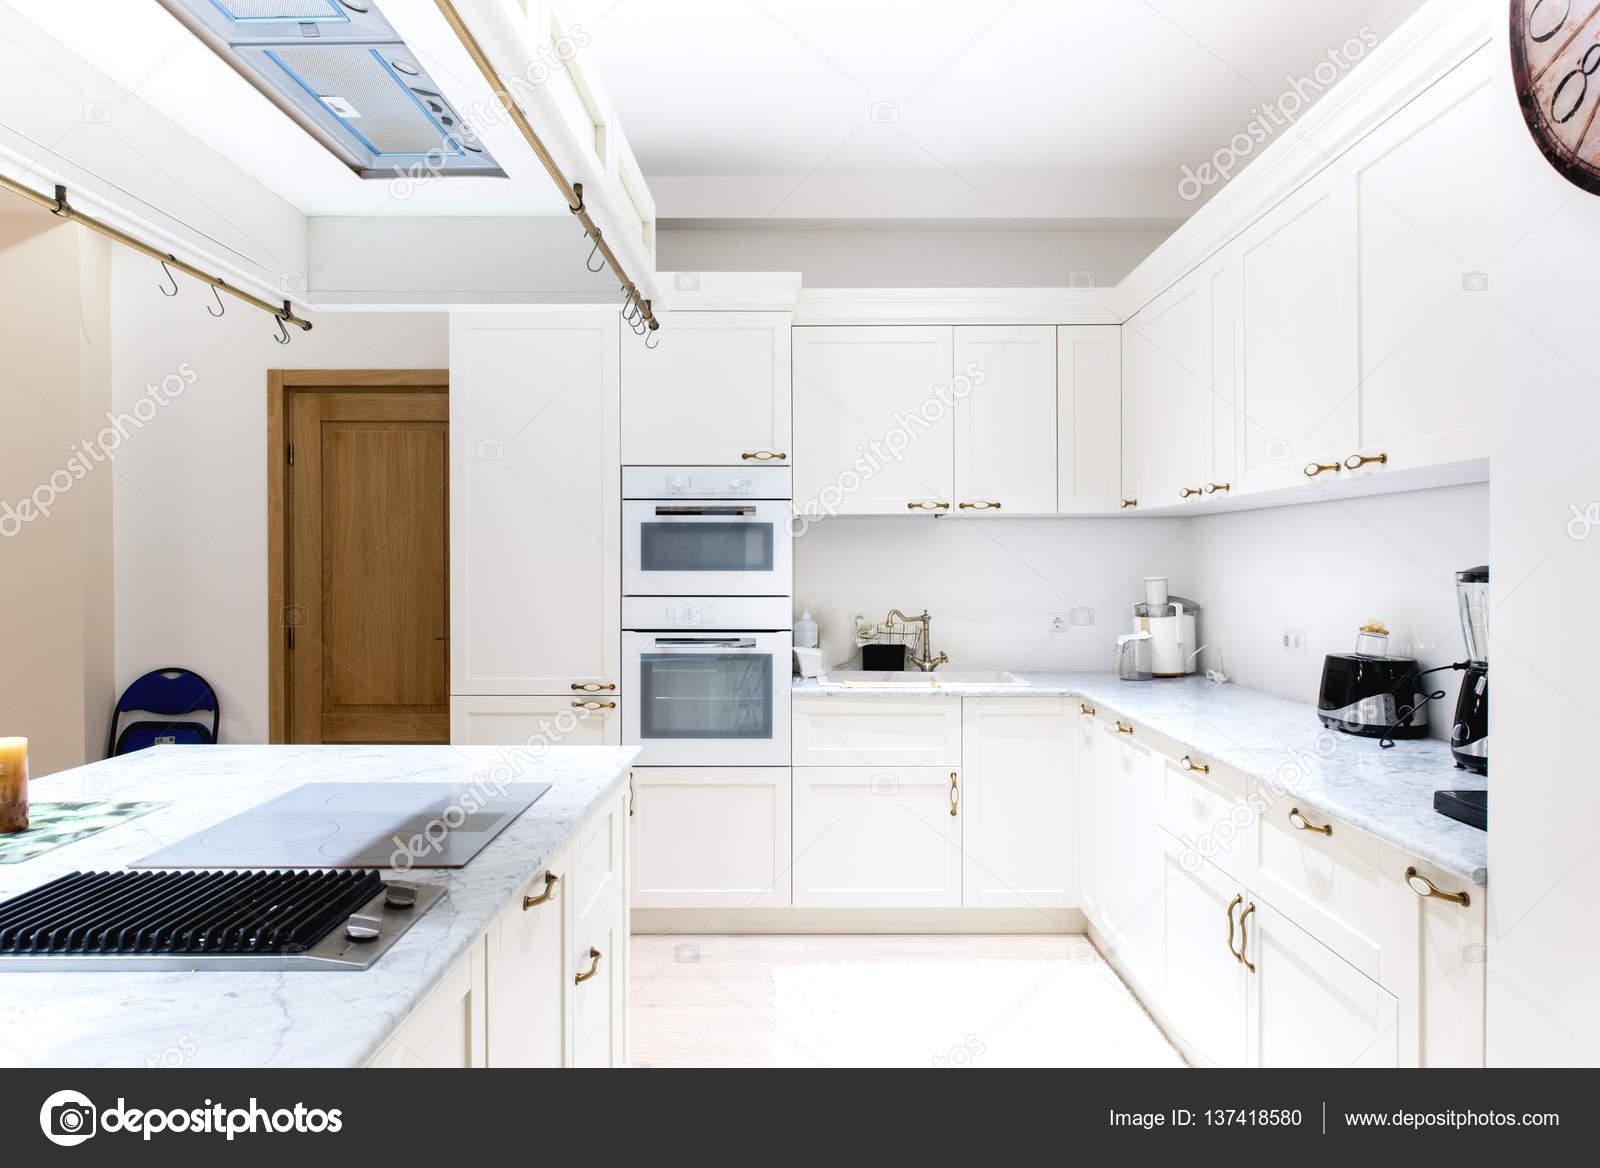 Keuken decoratie nice de mooiste keukens galerij van keuken